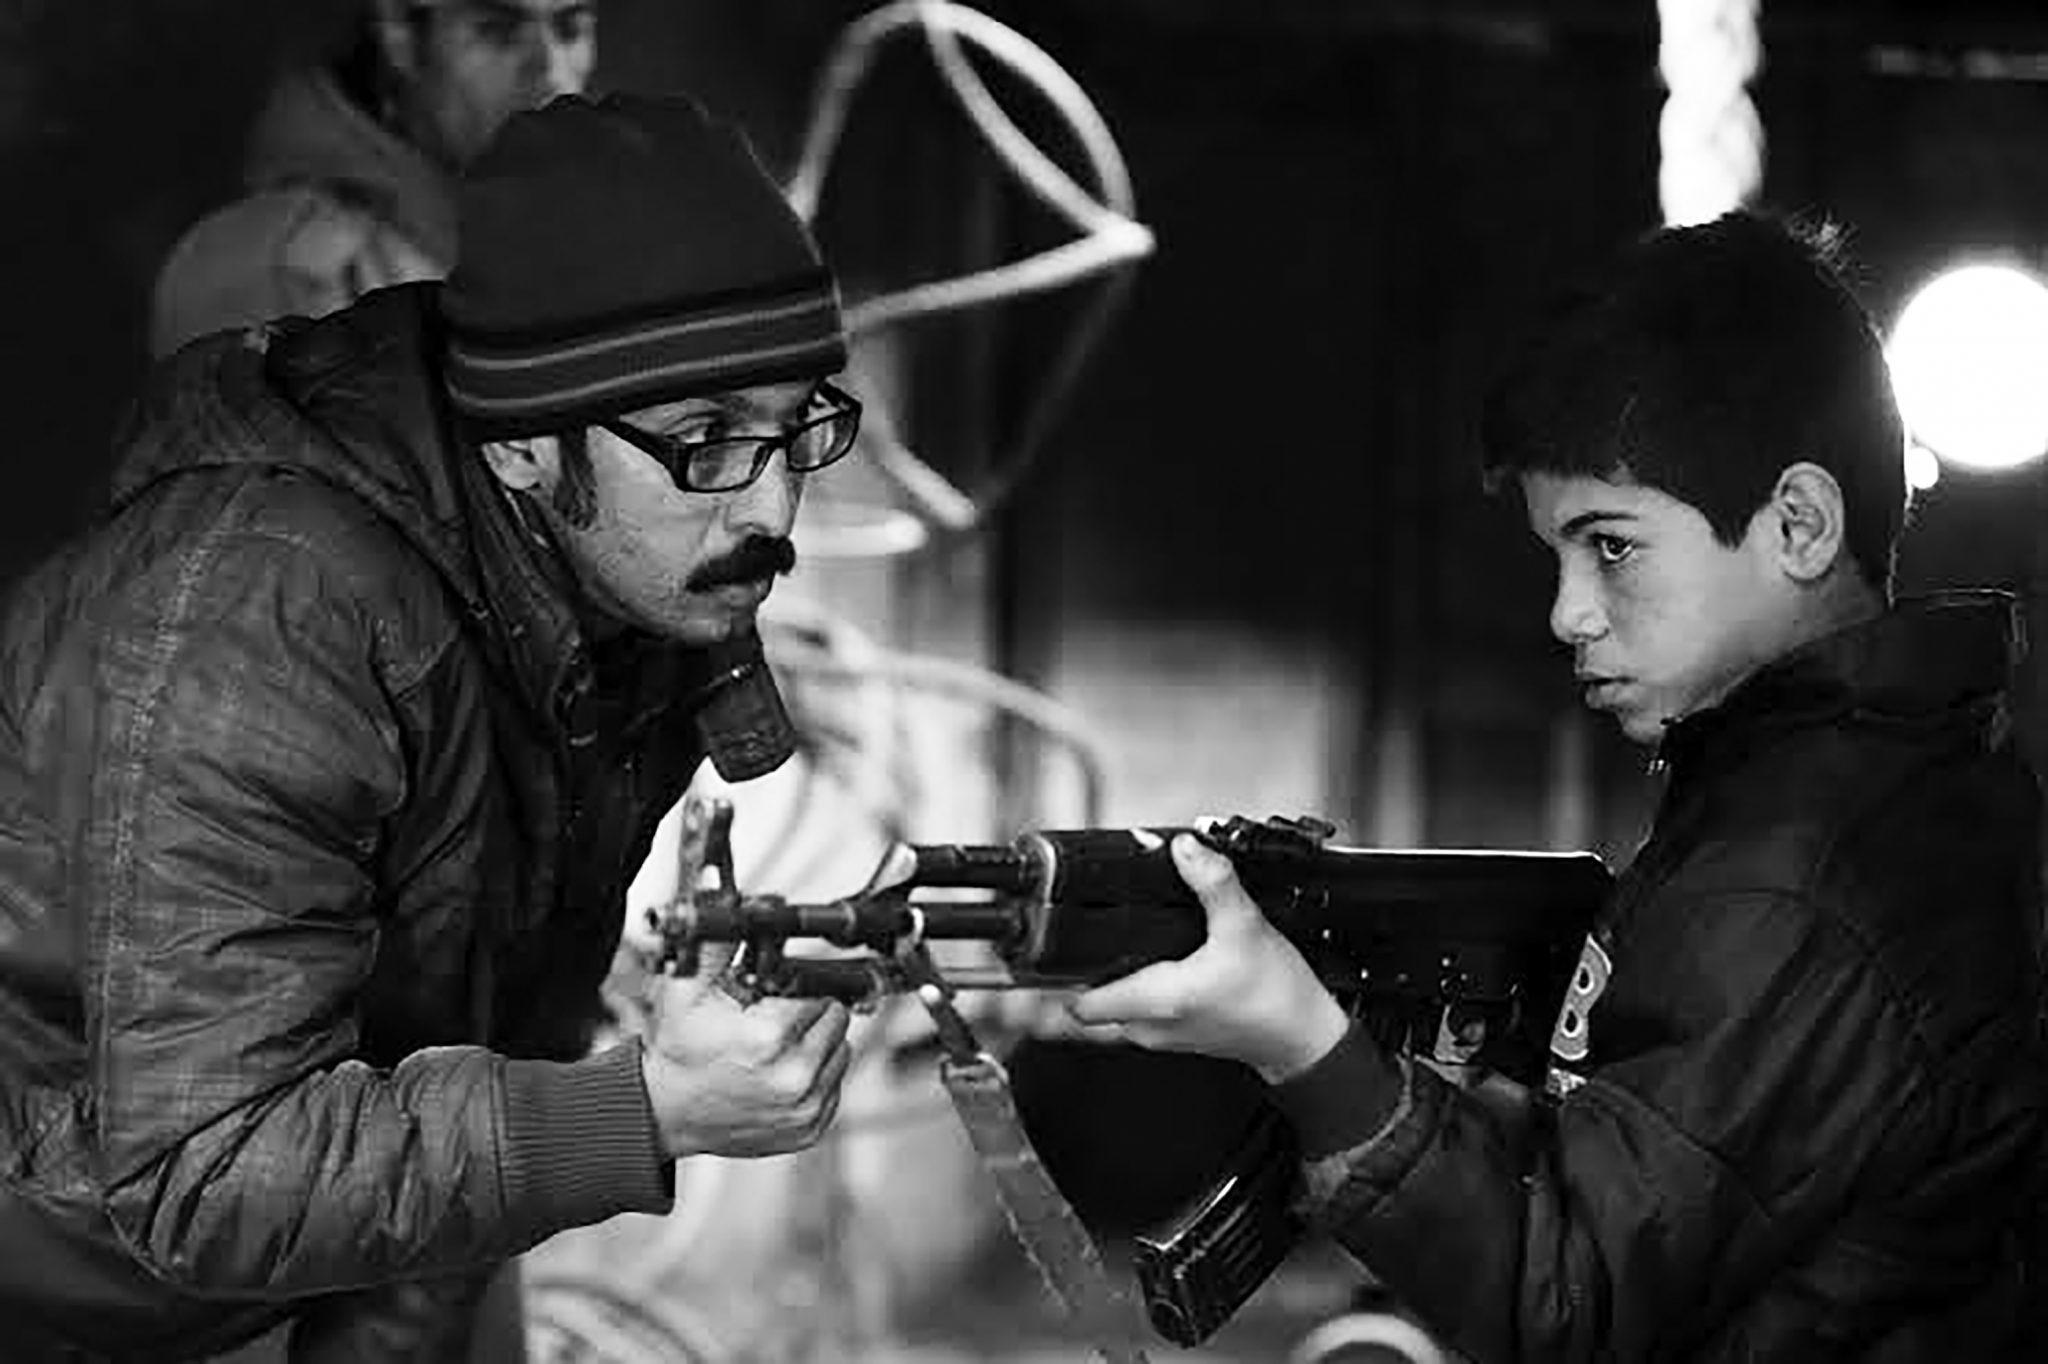 سوژهها به سمتم میآیند / گفت و گو با امیر حسین عسگری نویسنده و کارگردان سینما